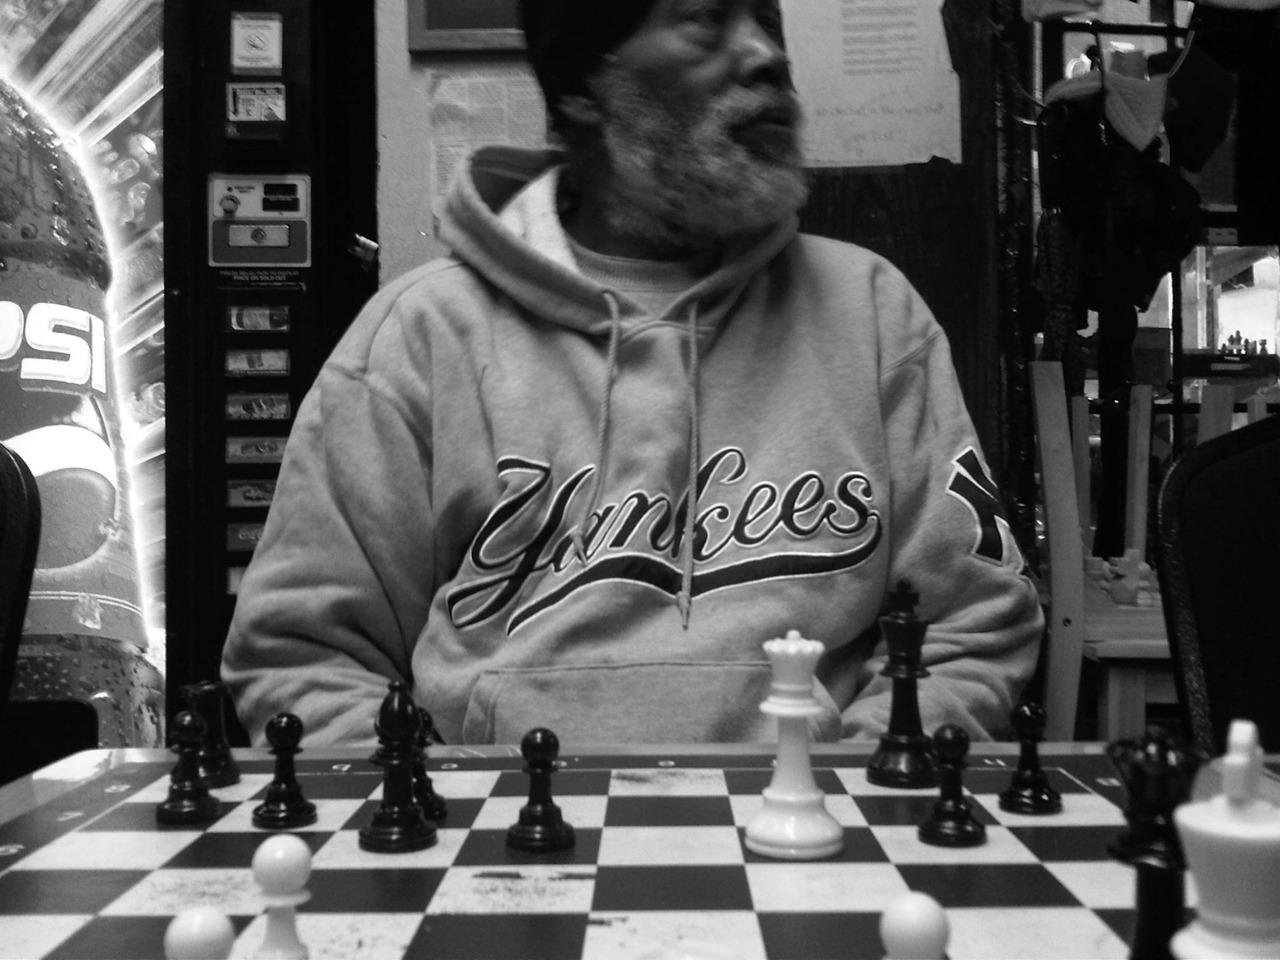 Elton dominates me in chess x3